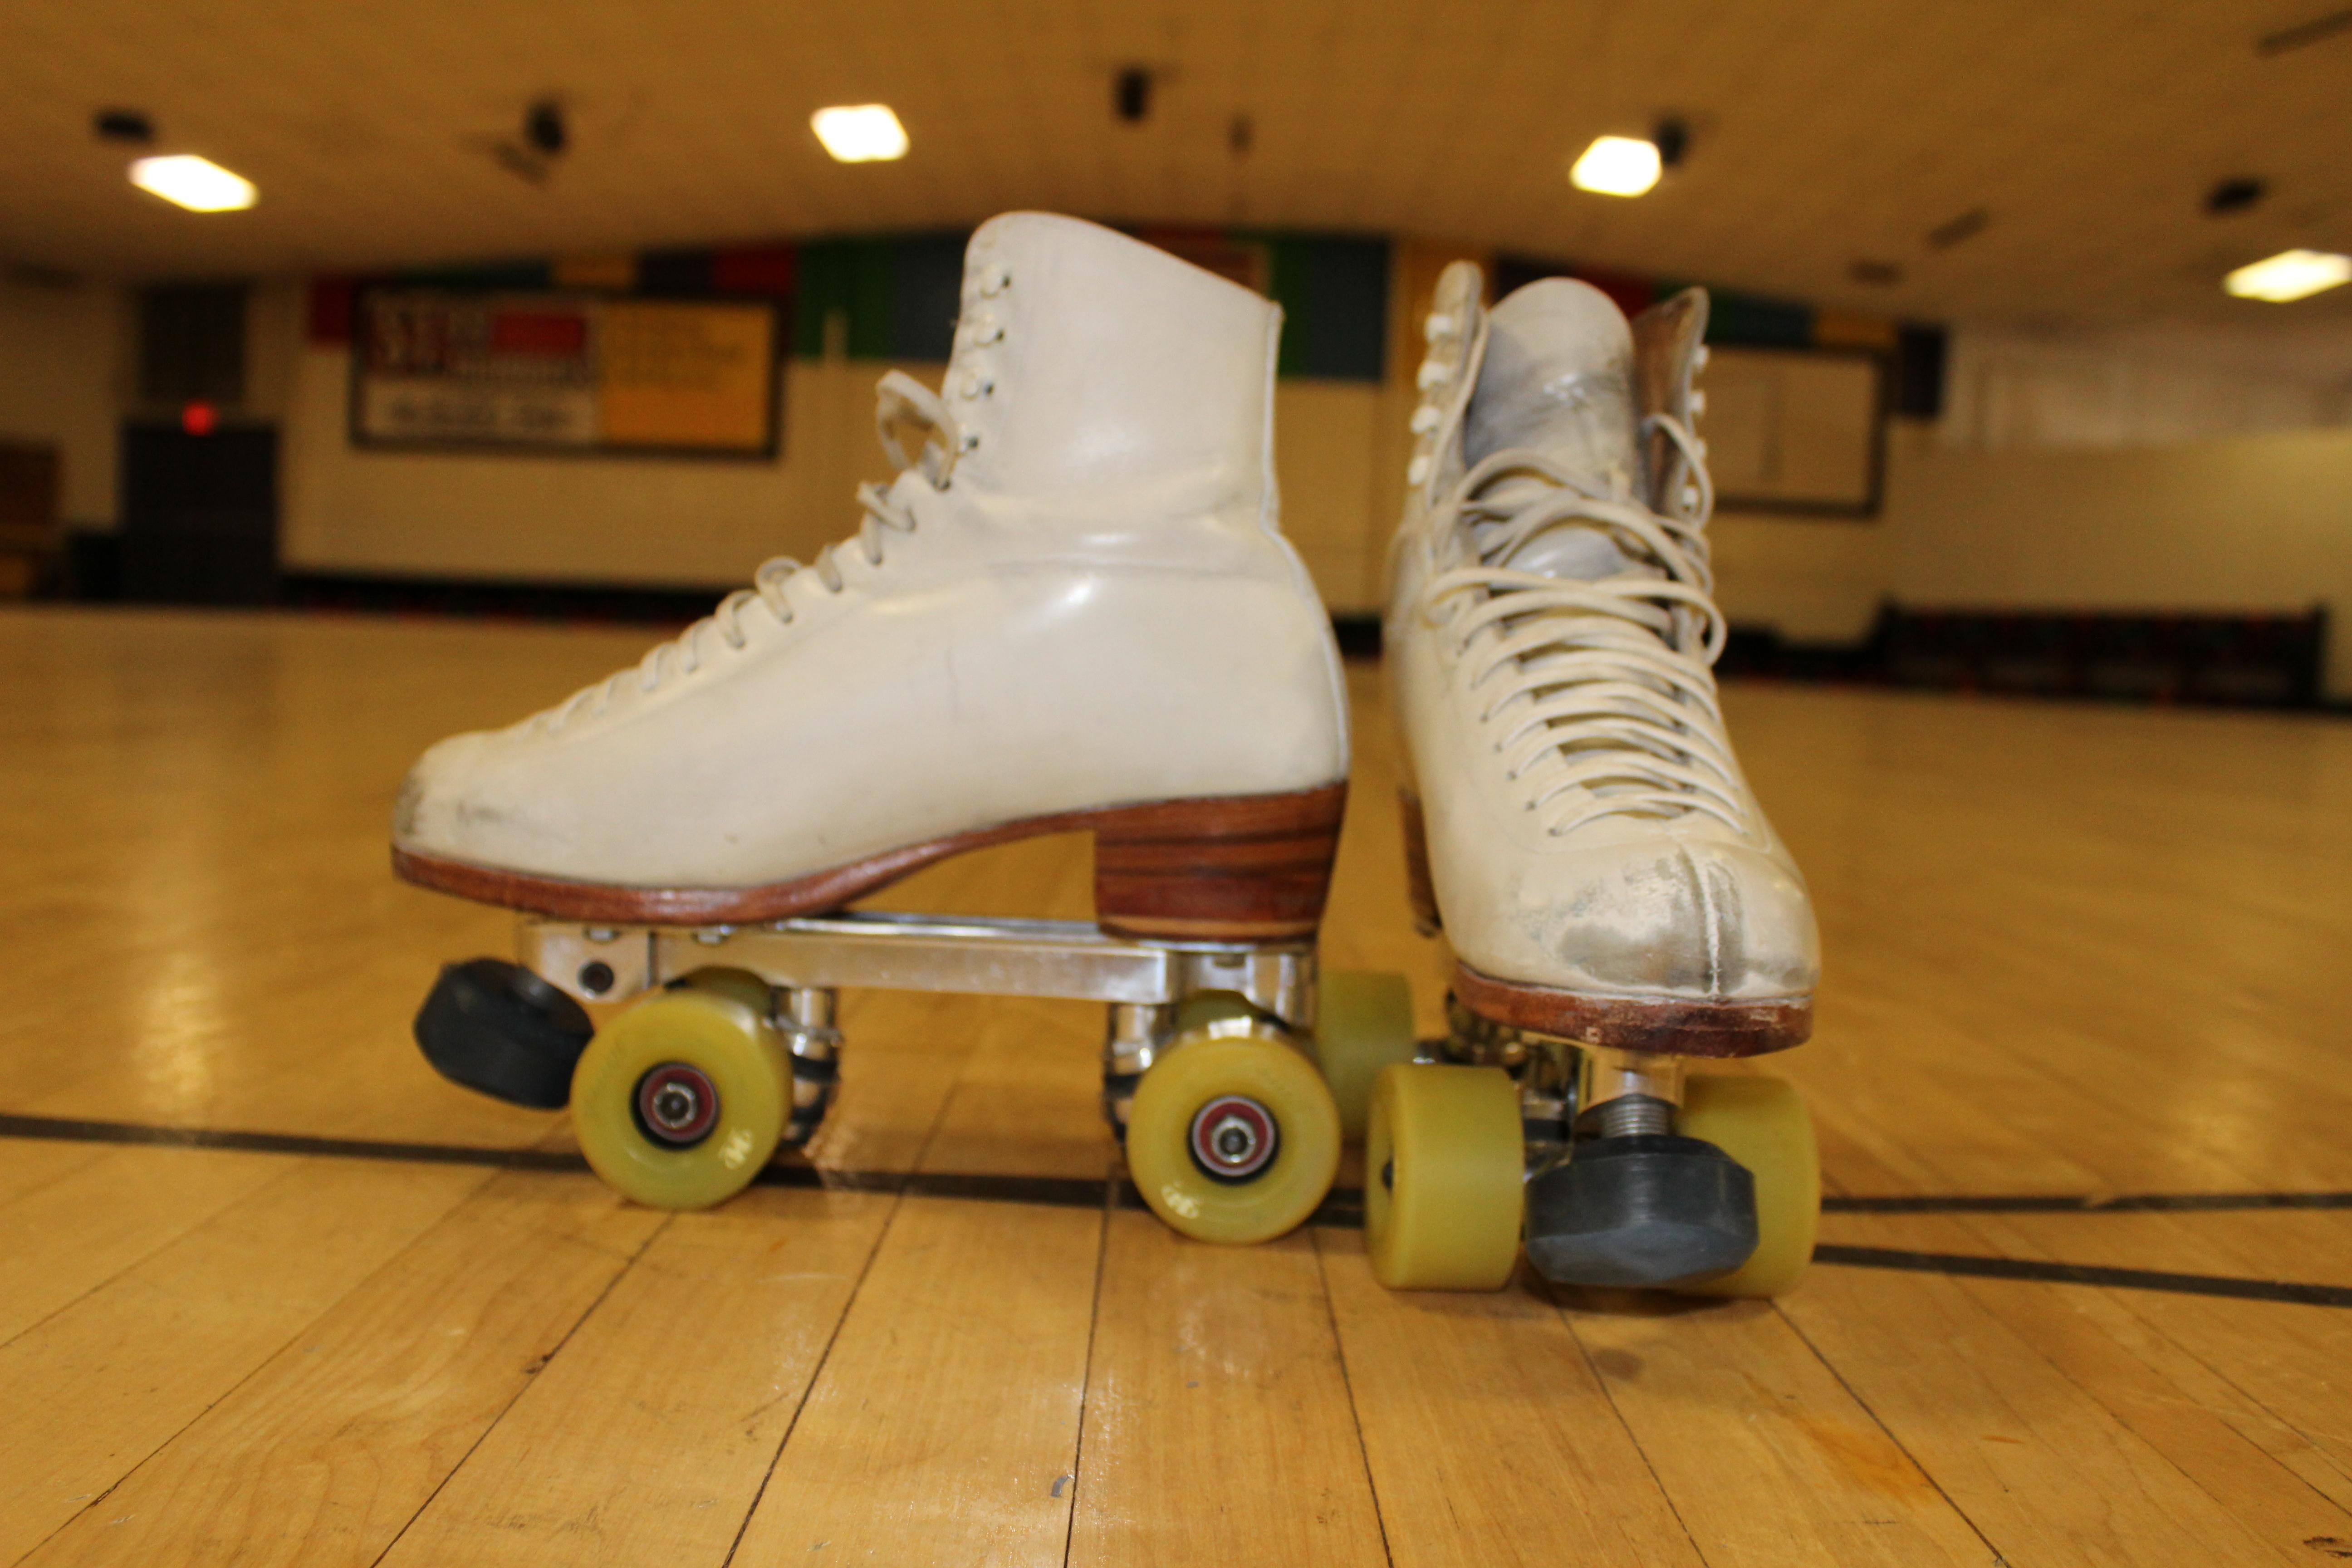 Roller skates videos youtube - Skating Videos